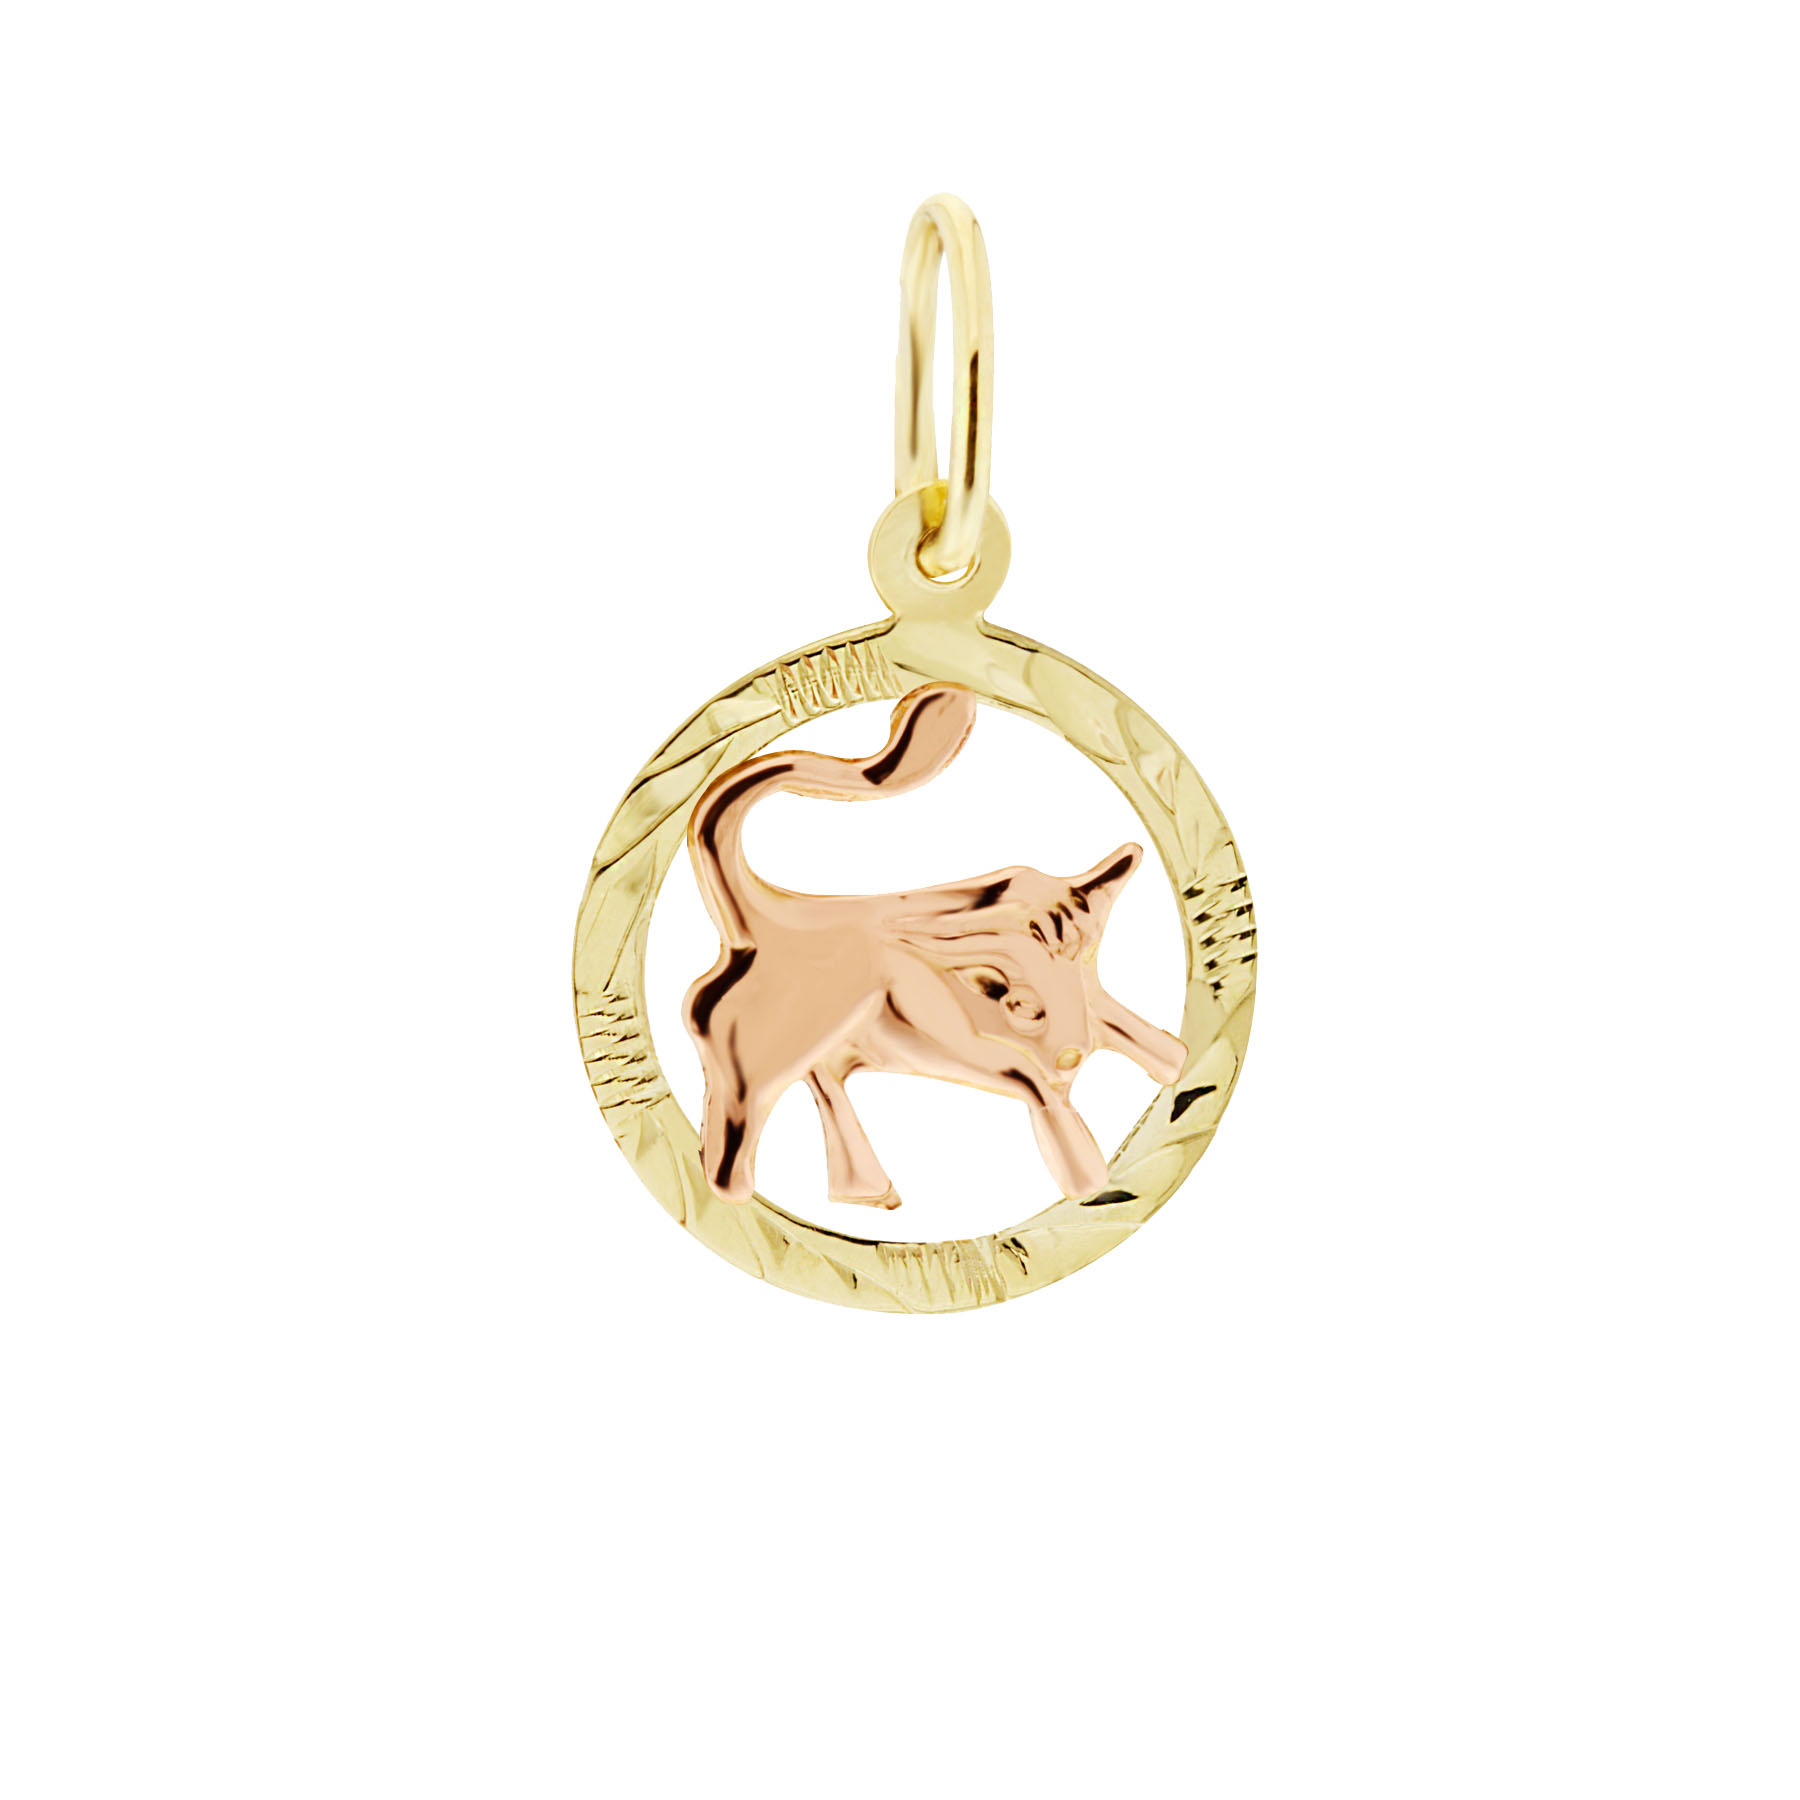 Zlatý přívěsek - znamení zvěrokruhu Býk Tvar: Kolečko, rytý rámeček